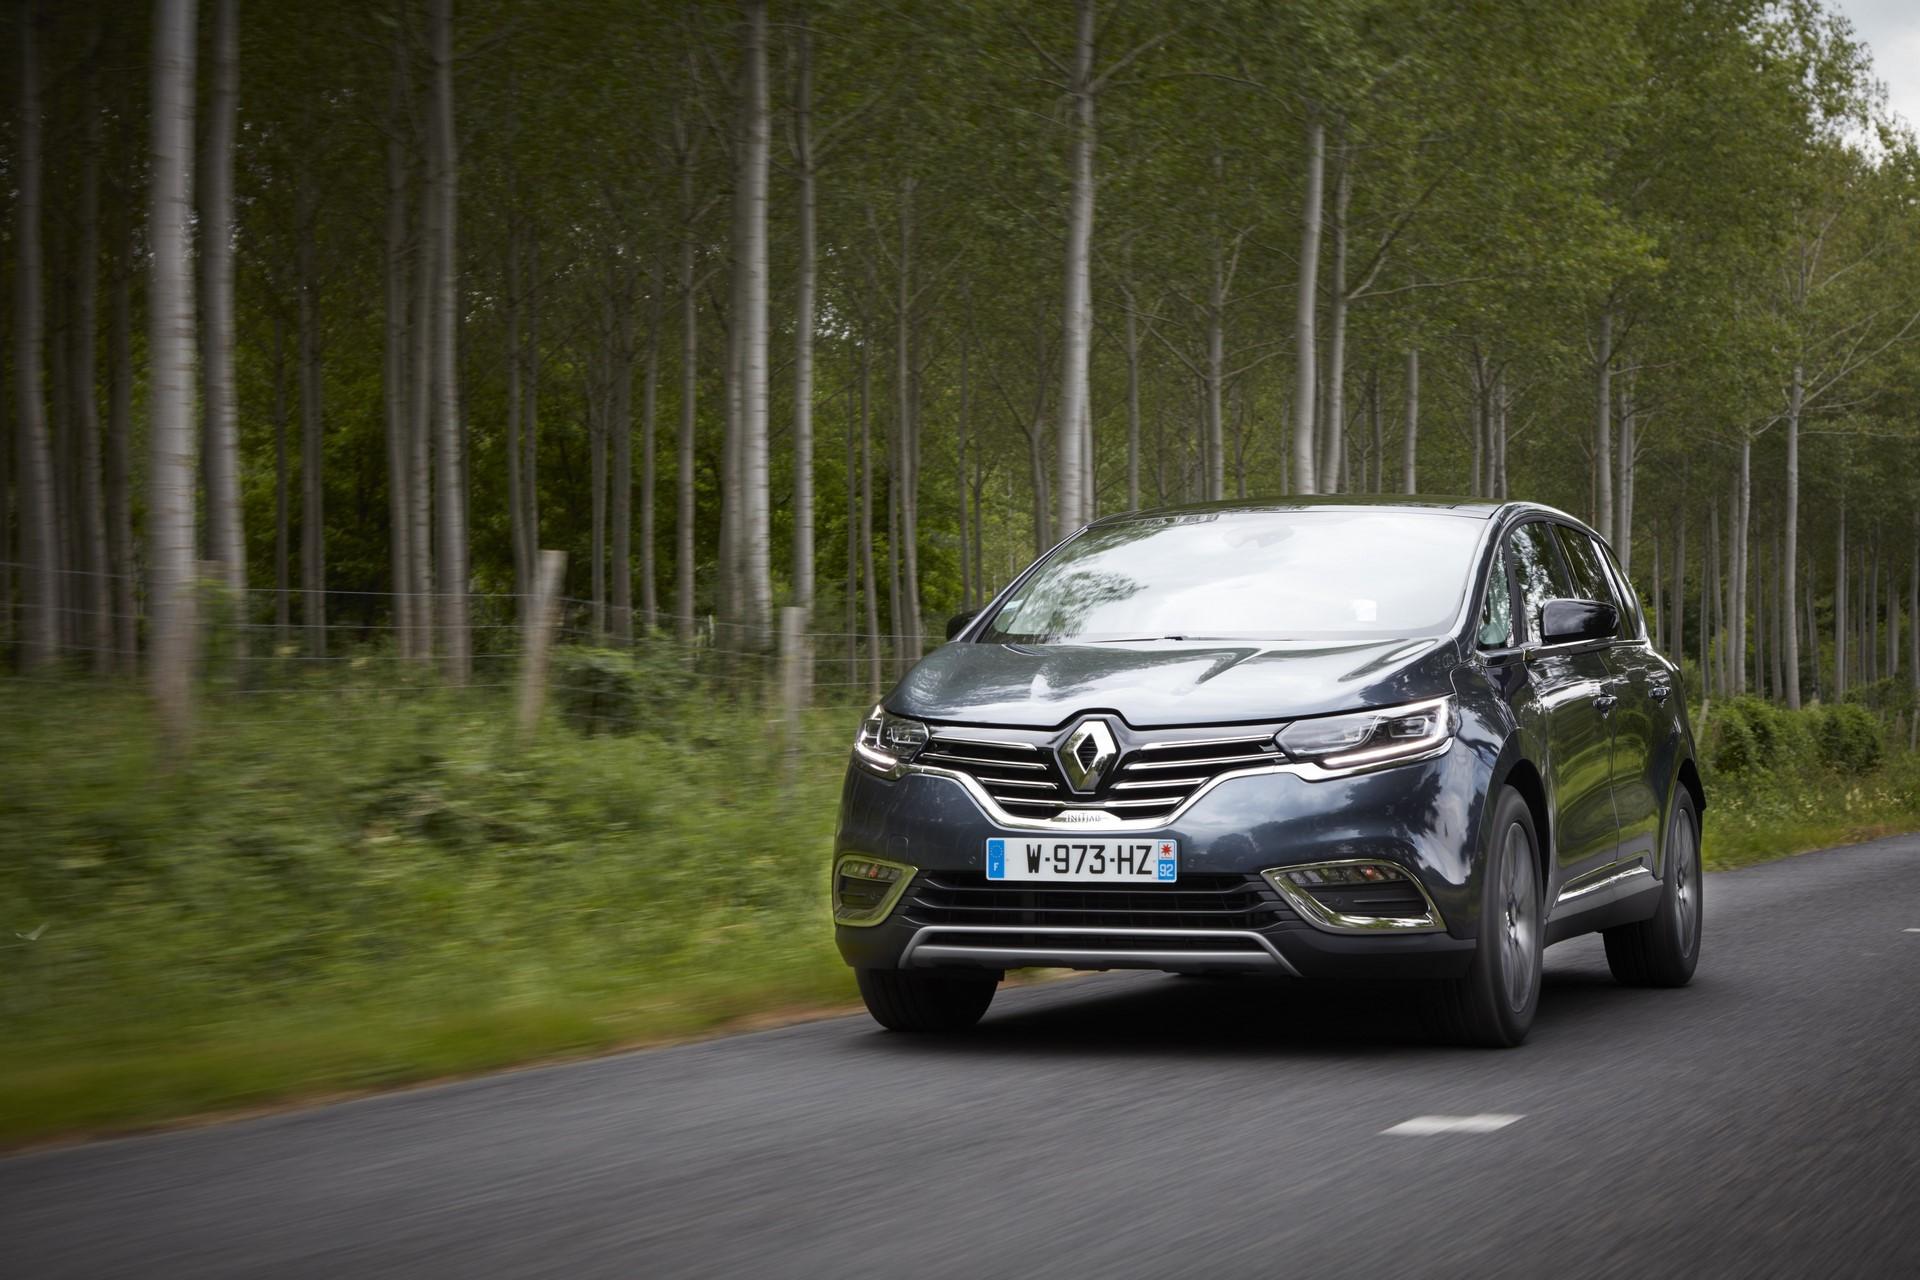 Renault_93206_global_en